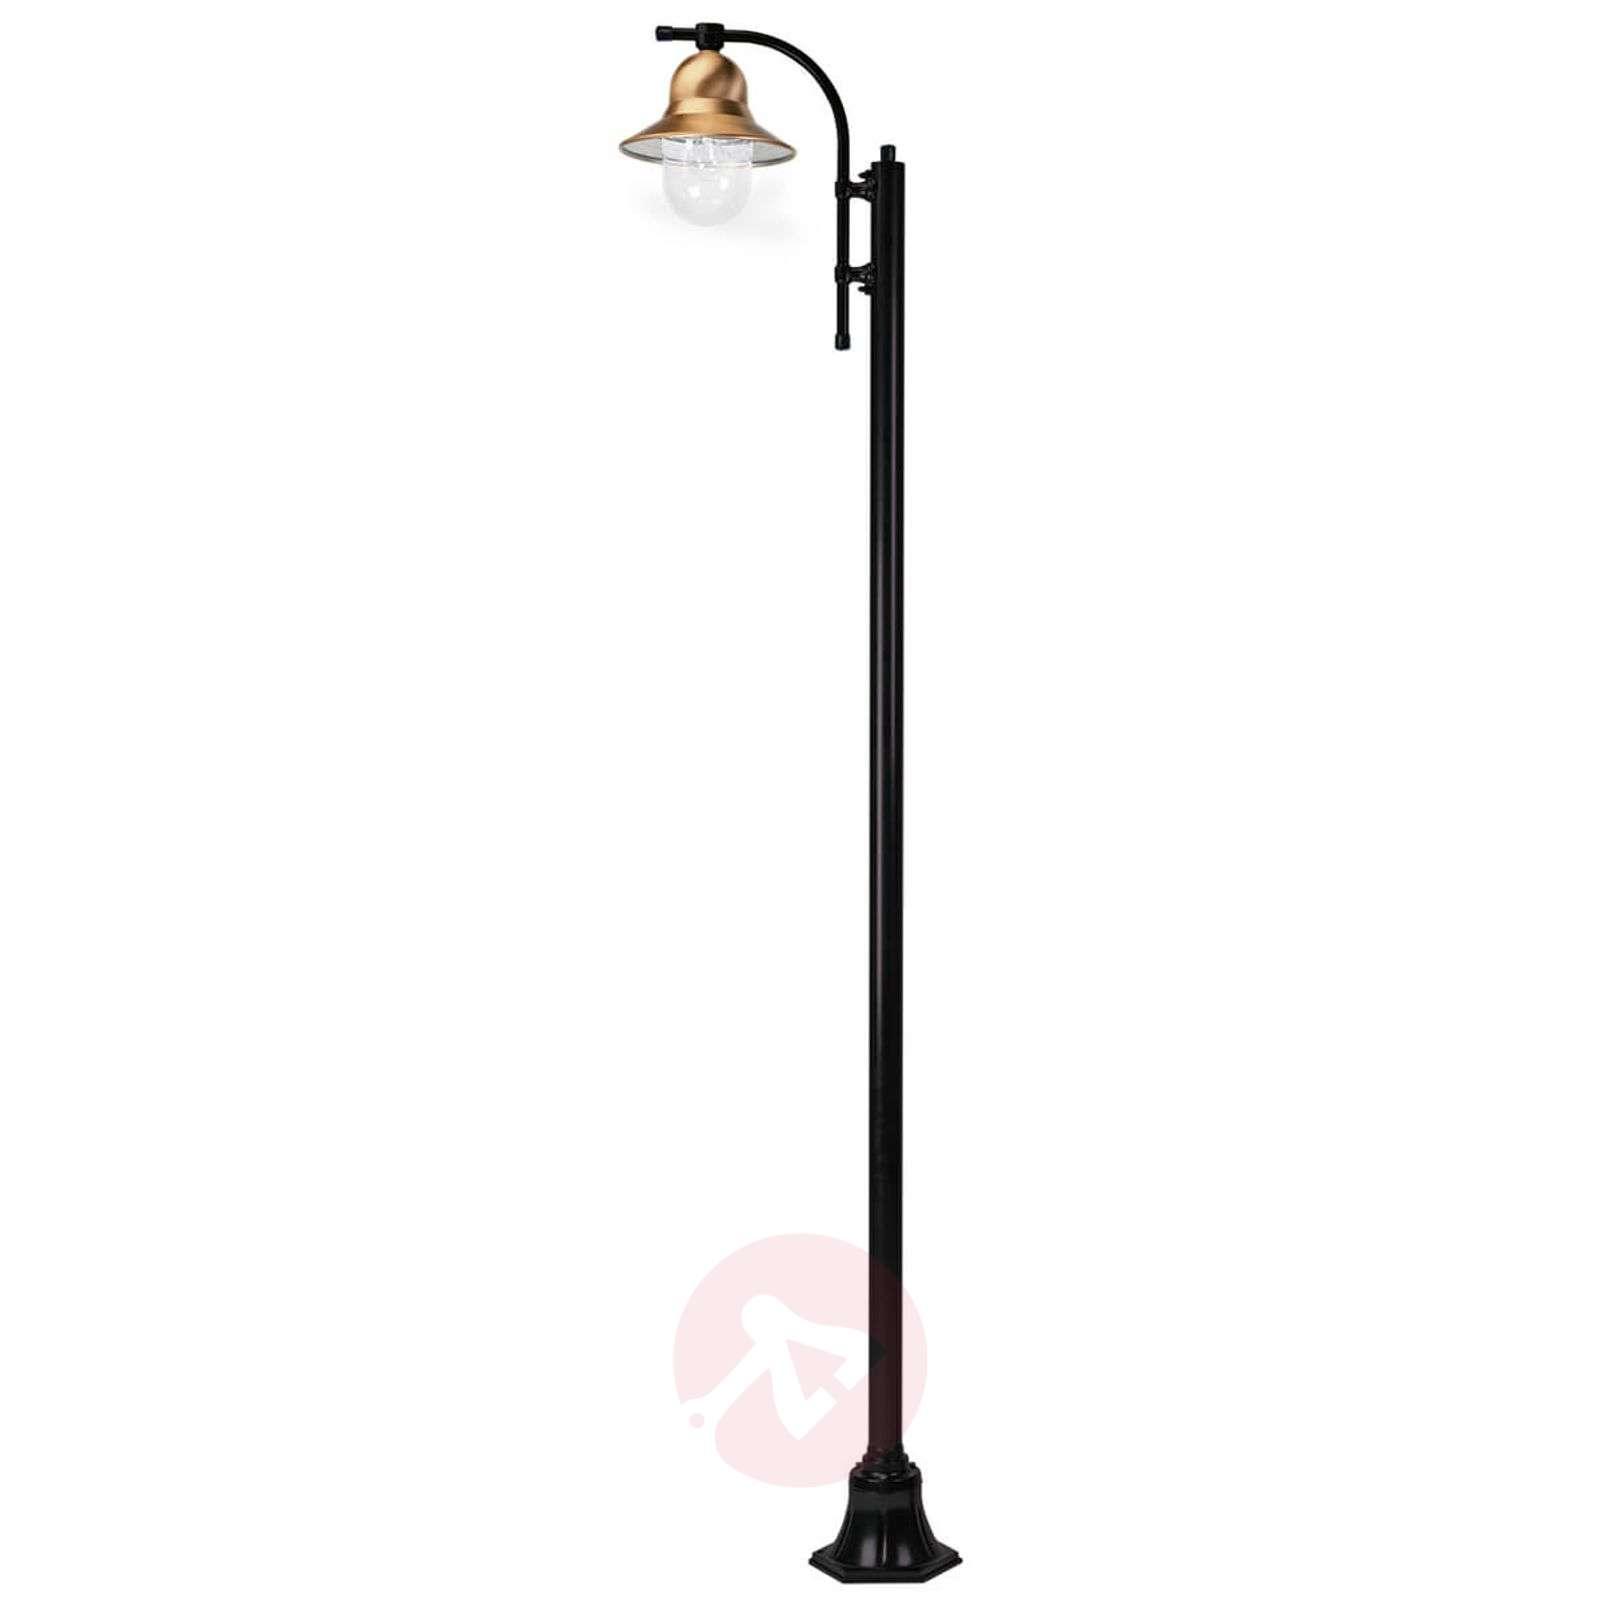 1-lamppuinen Toscane-lyhtypylväs 240 cm, musta-5515173-02